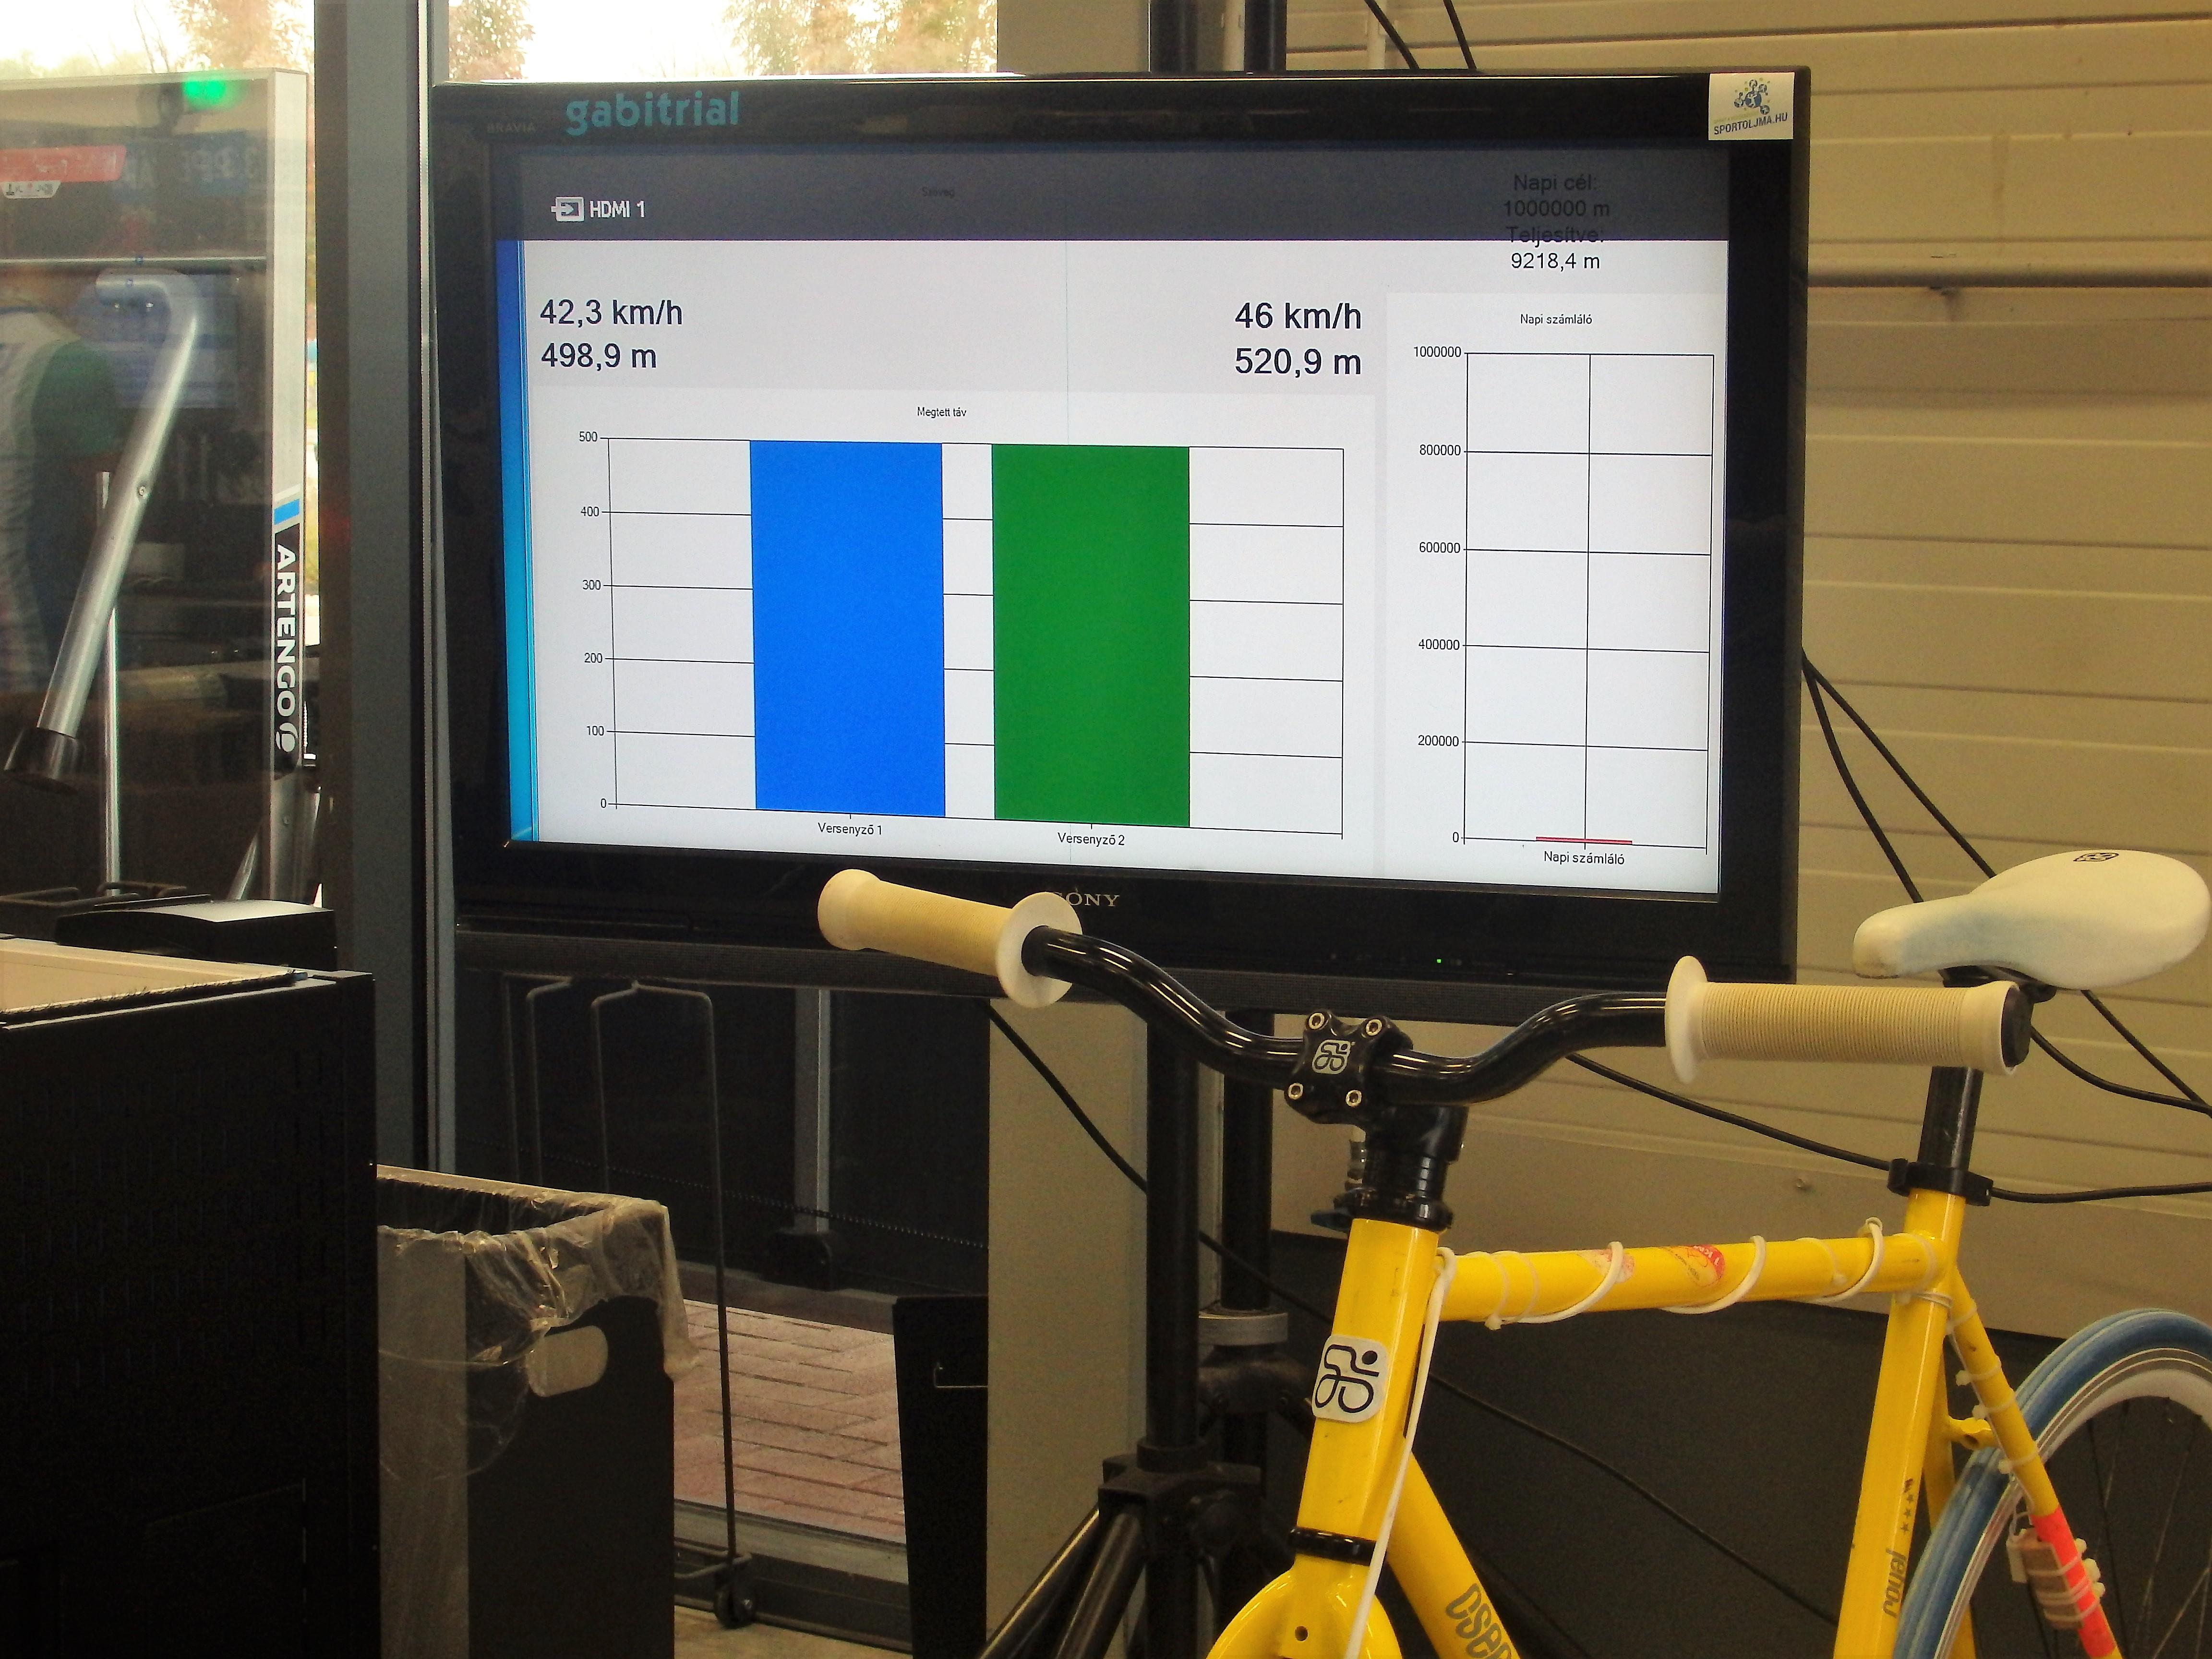 goldsprint páros kerékpár verseny gabitrial